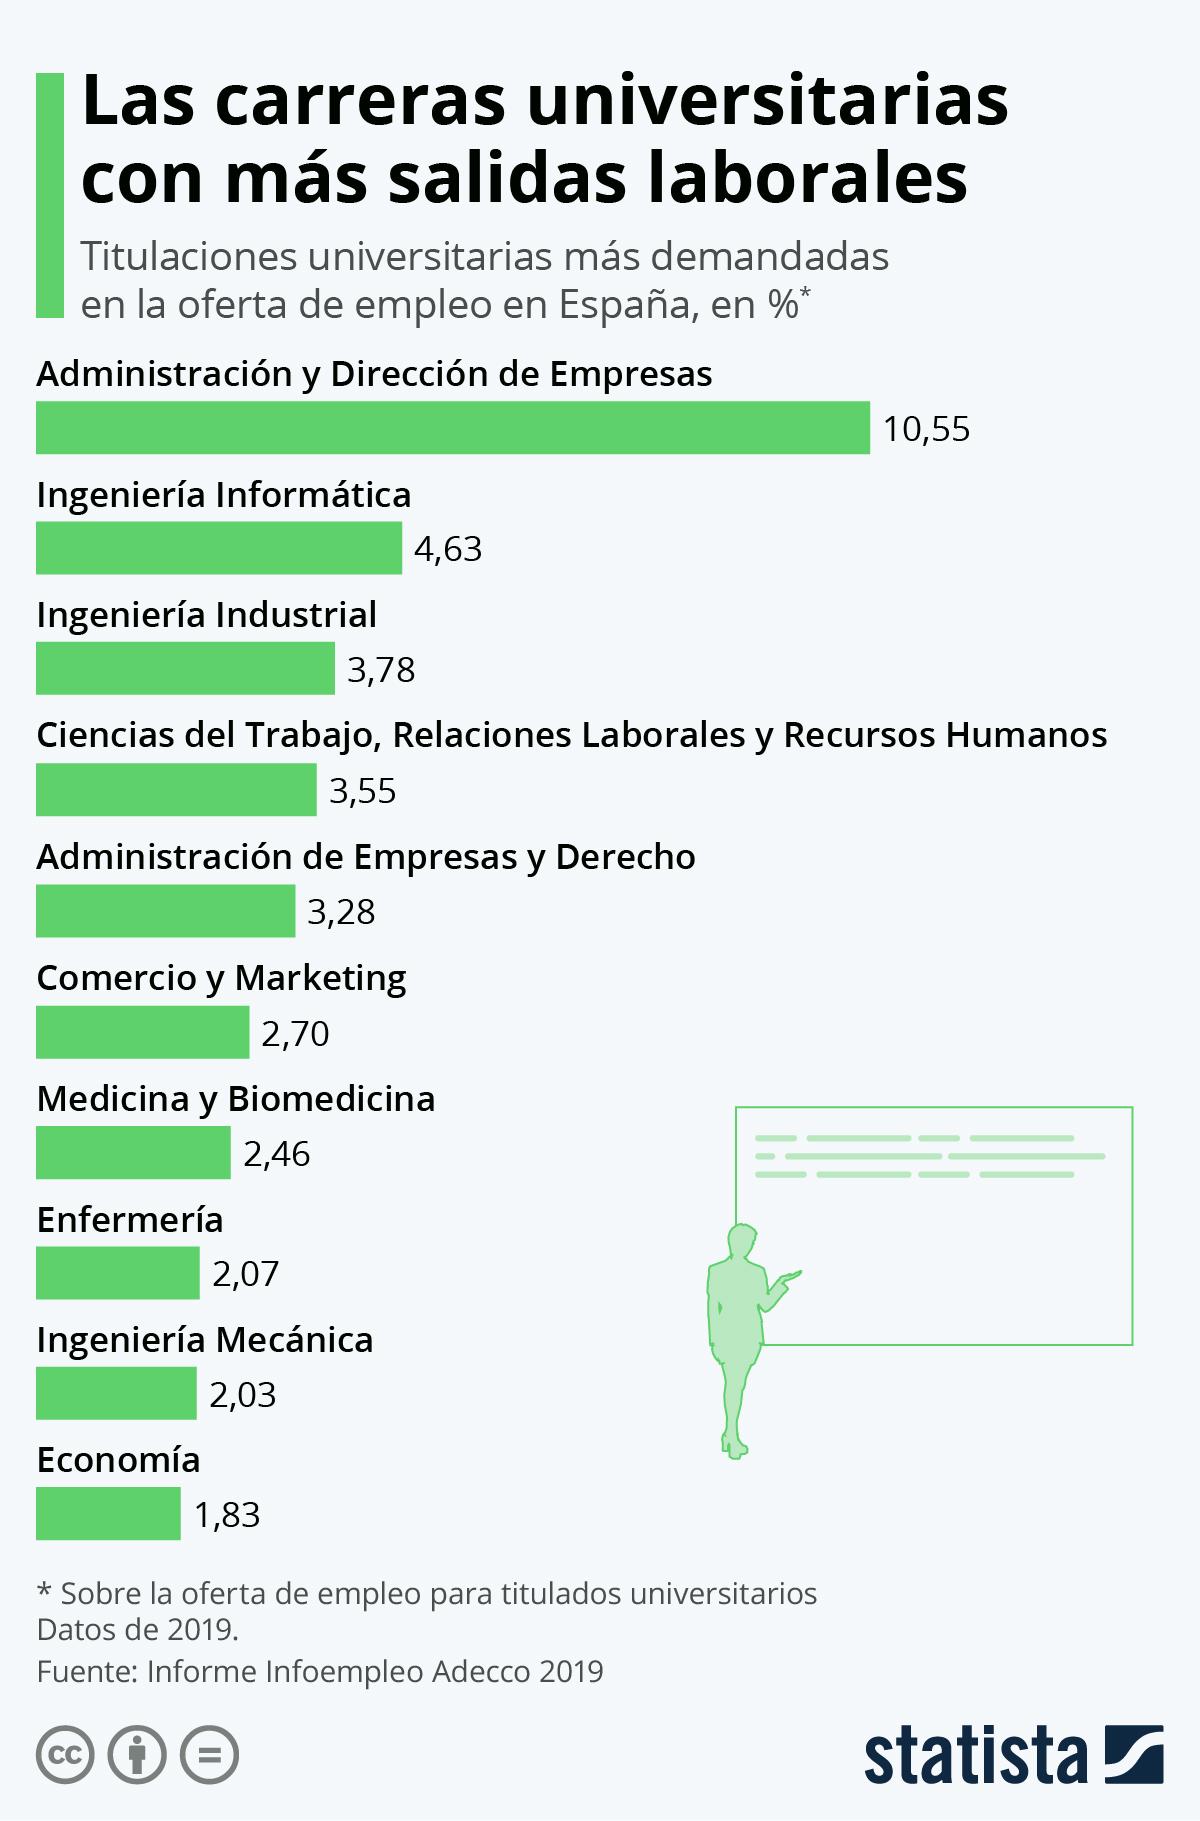 10 carreras universitarias con más salidas laborales #infografia #educación #empleo